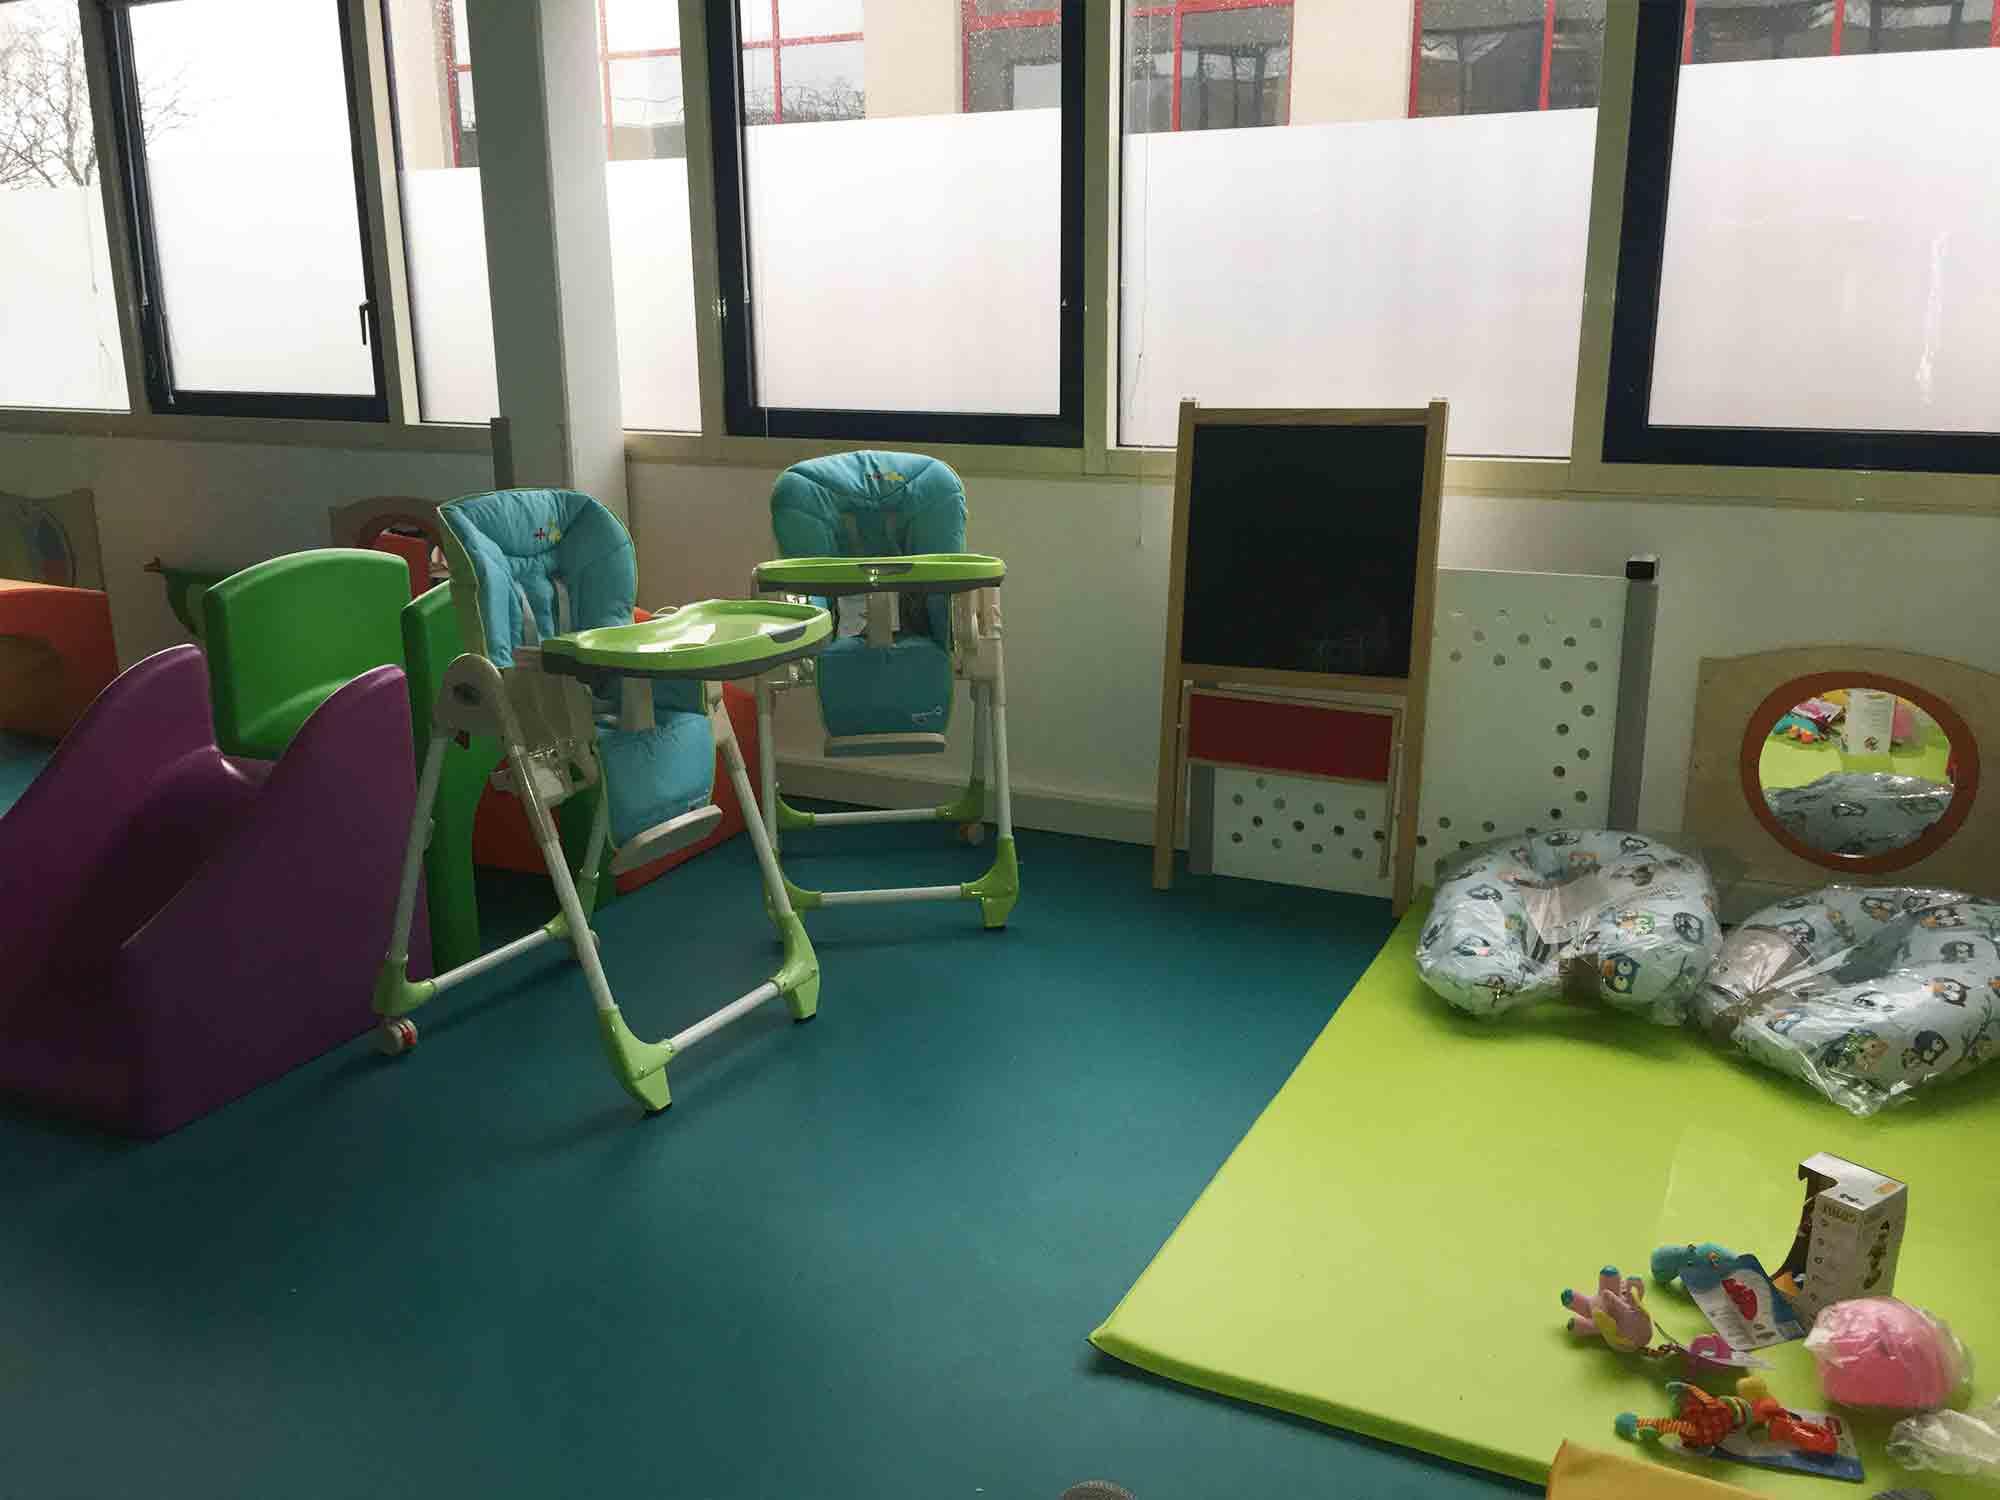 bois guillaume notre micro cr che et garde d 39 enfants les f es lucioles. Black Bedroom Furniture Sets. Home Design Ideas